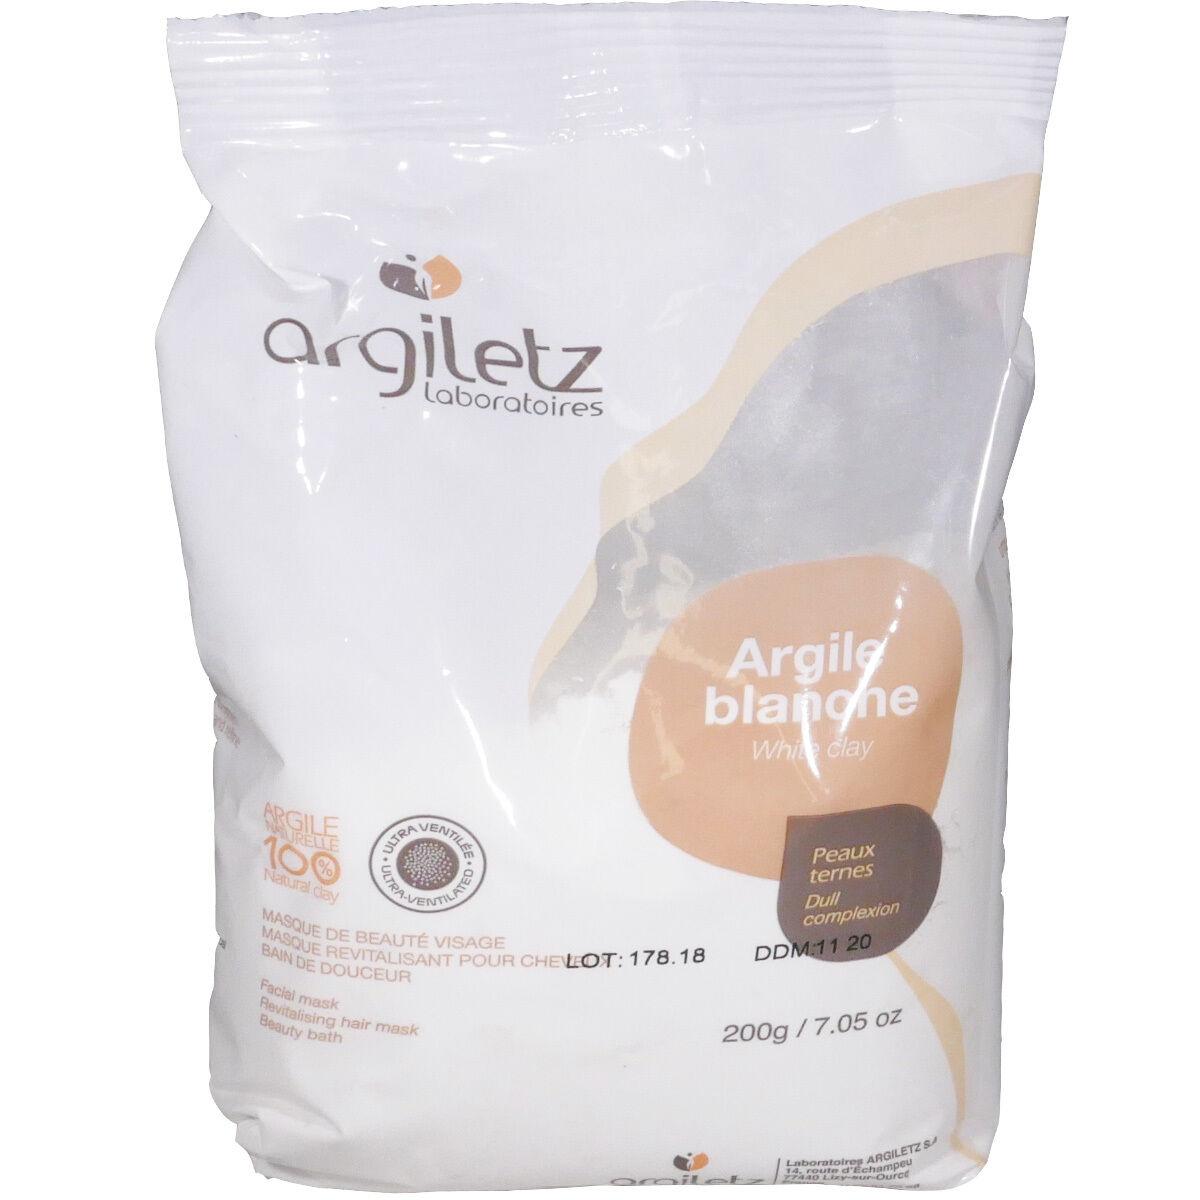 Argiletz argile blanche peaux ternes poudre 200 g